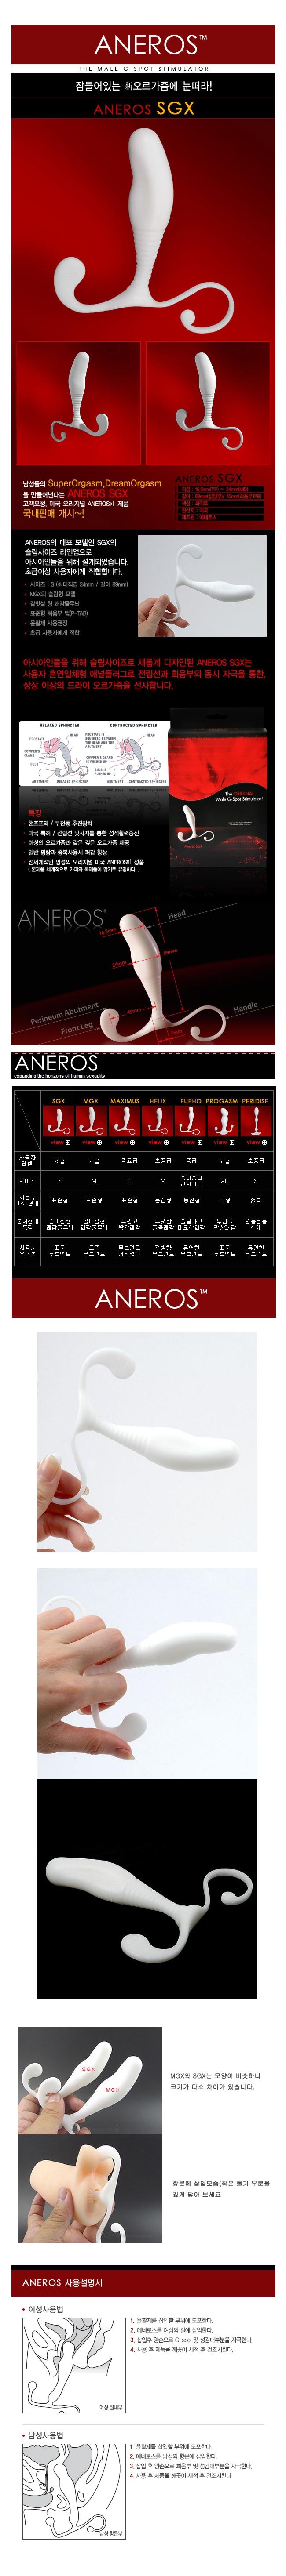 [일본 직수입] ANEROS-SGX (アネロス エスジーエックス)초보형 - 아네로스 정품 (MR)(ANRS)(DJ)